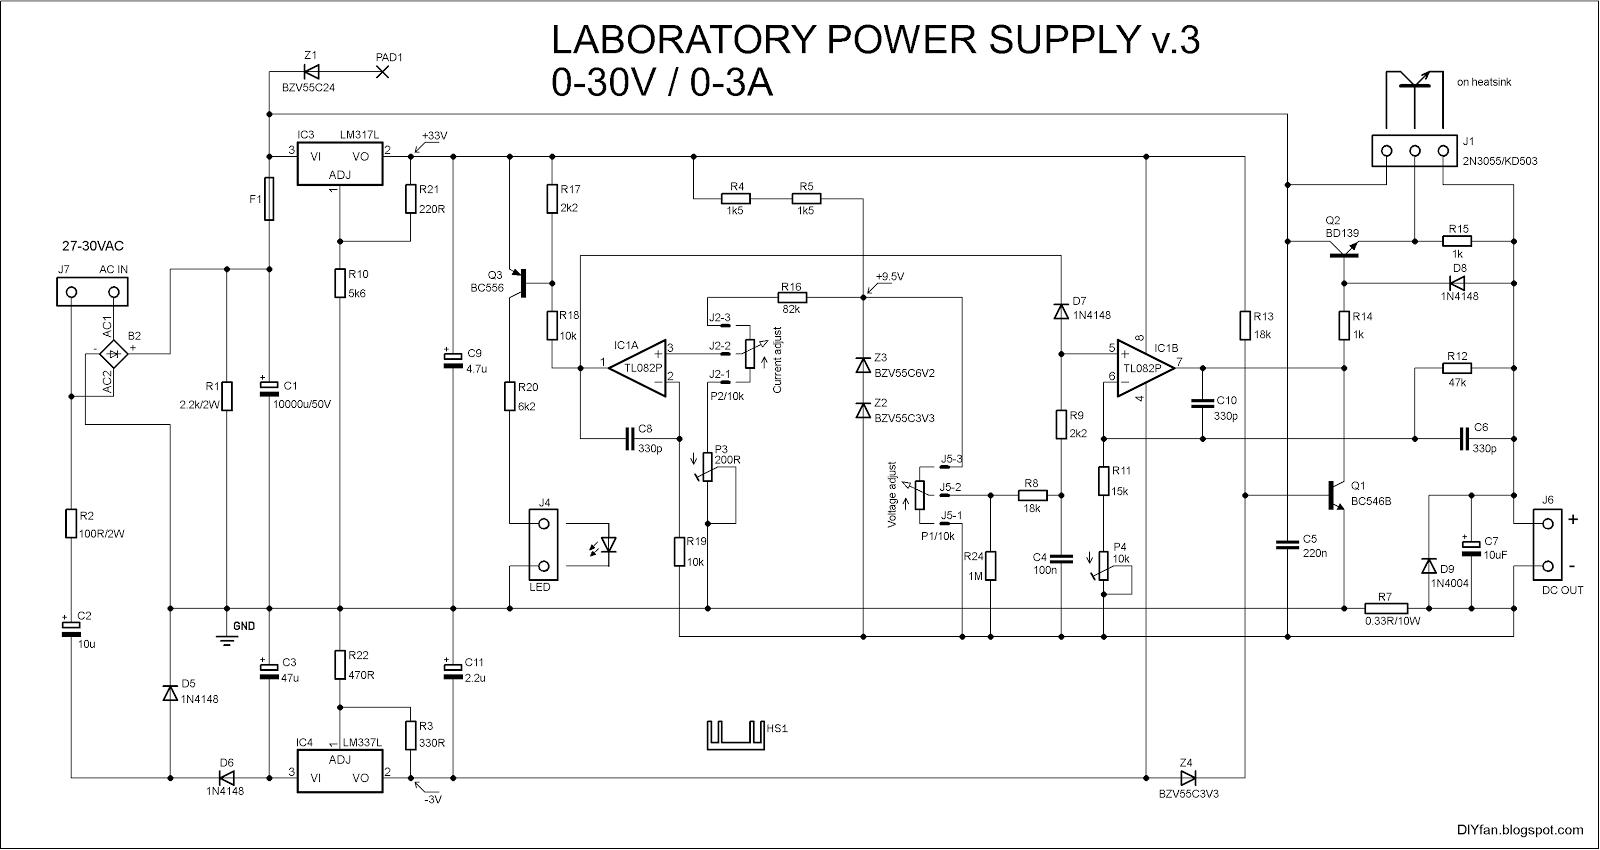 Adjustable Lab Power Supply 0-30V 0-3A